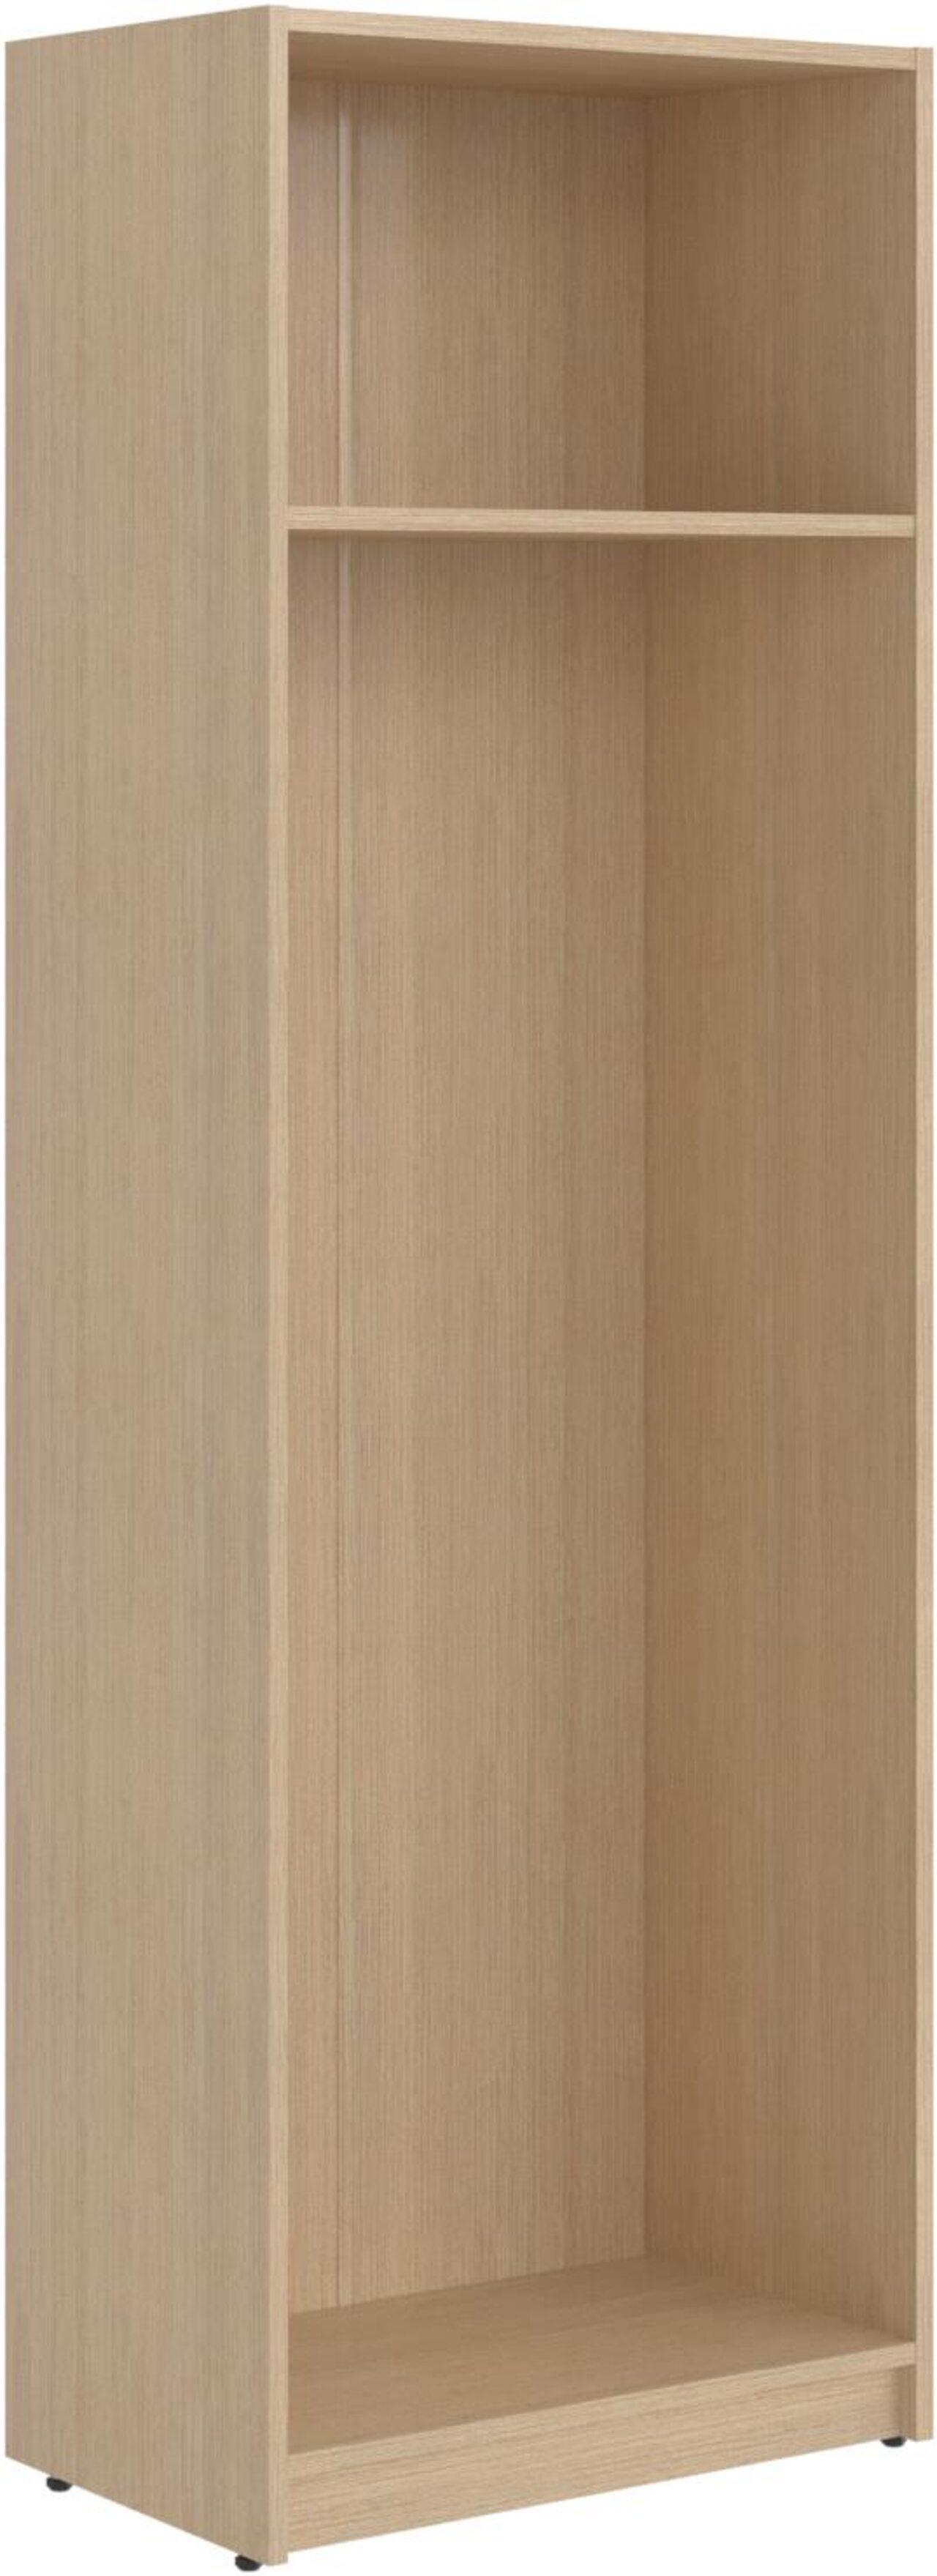 Каркас гардероба  Simple 60x36x182 - фото 1